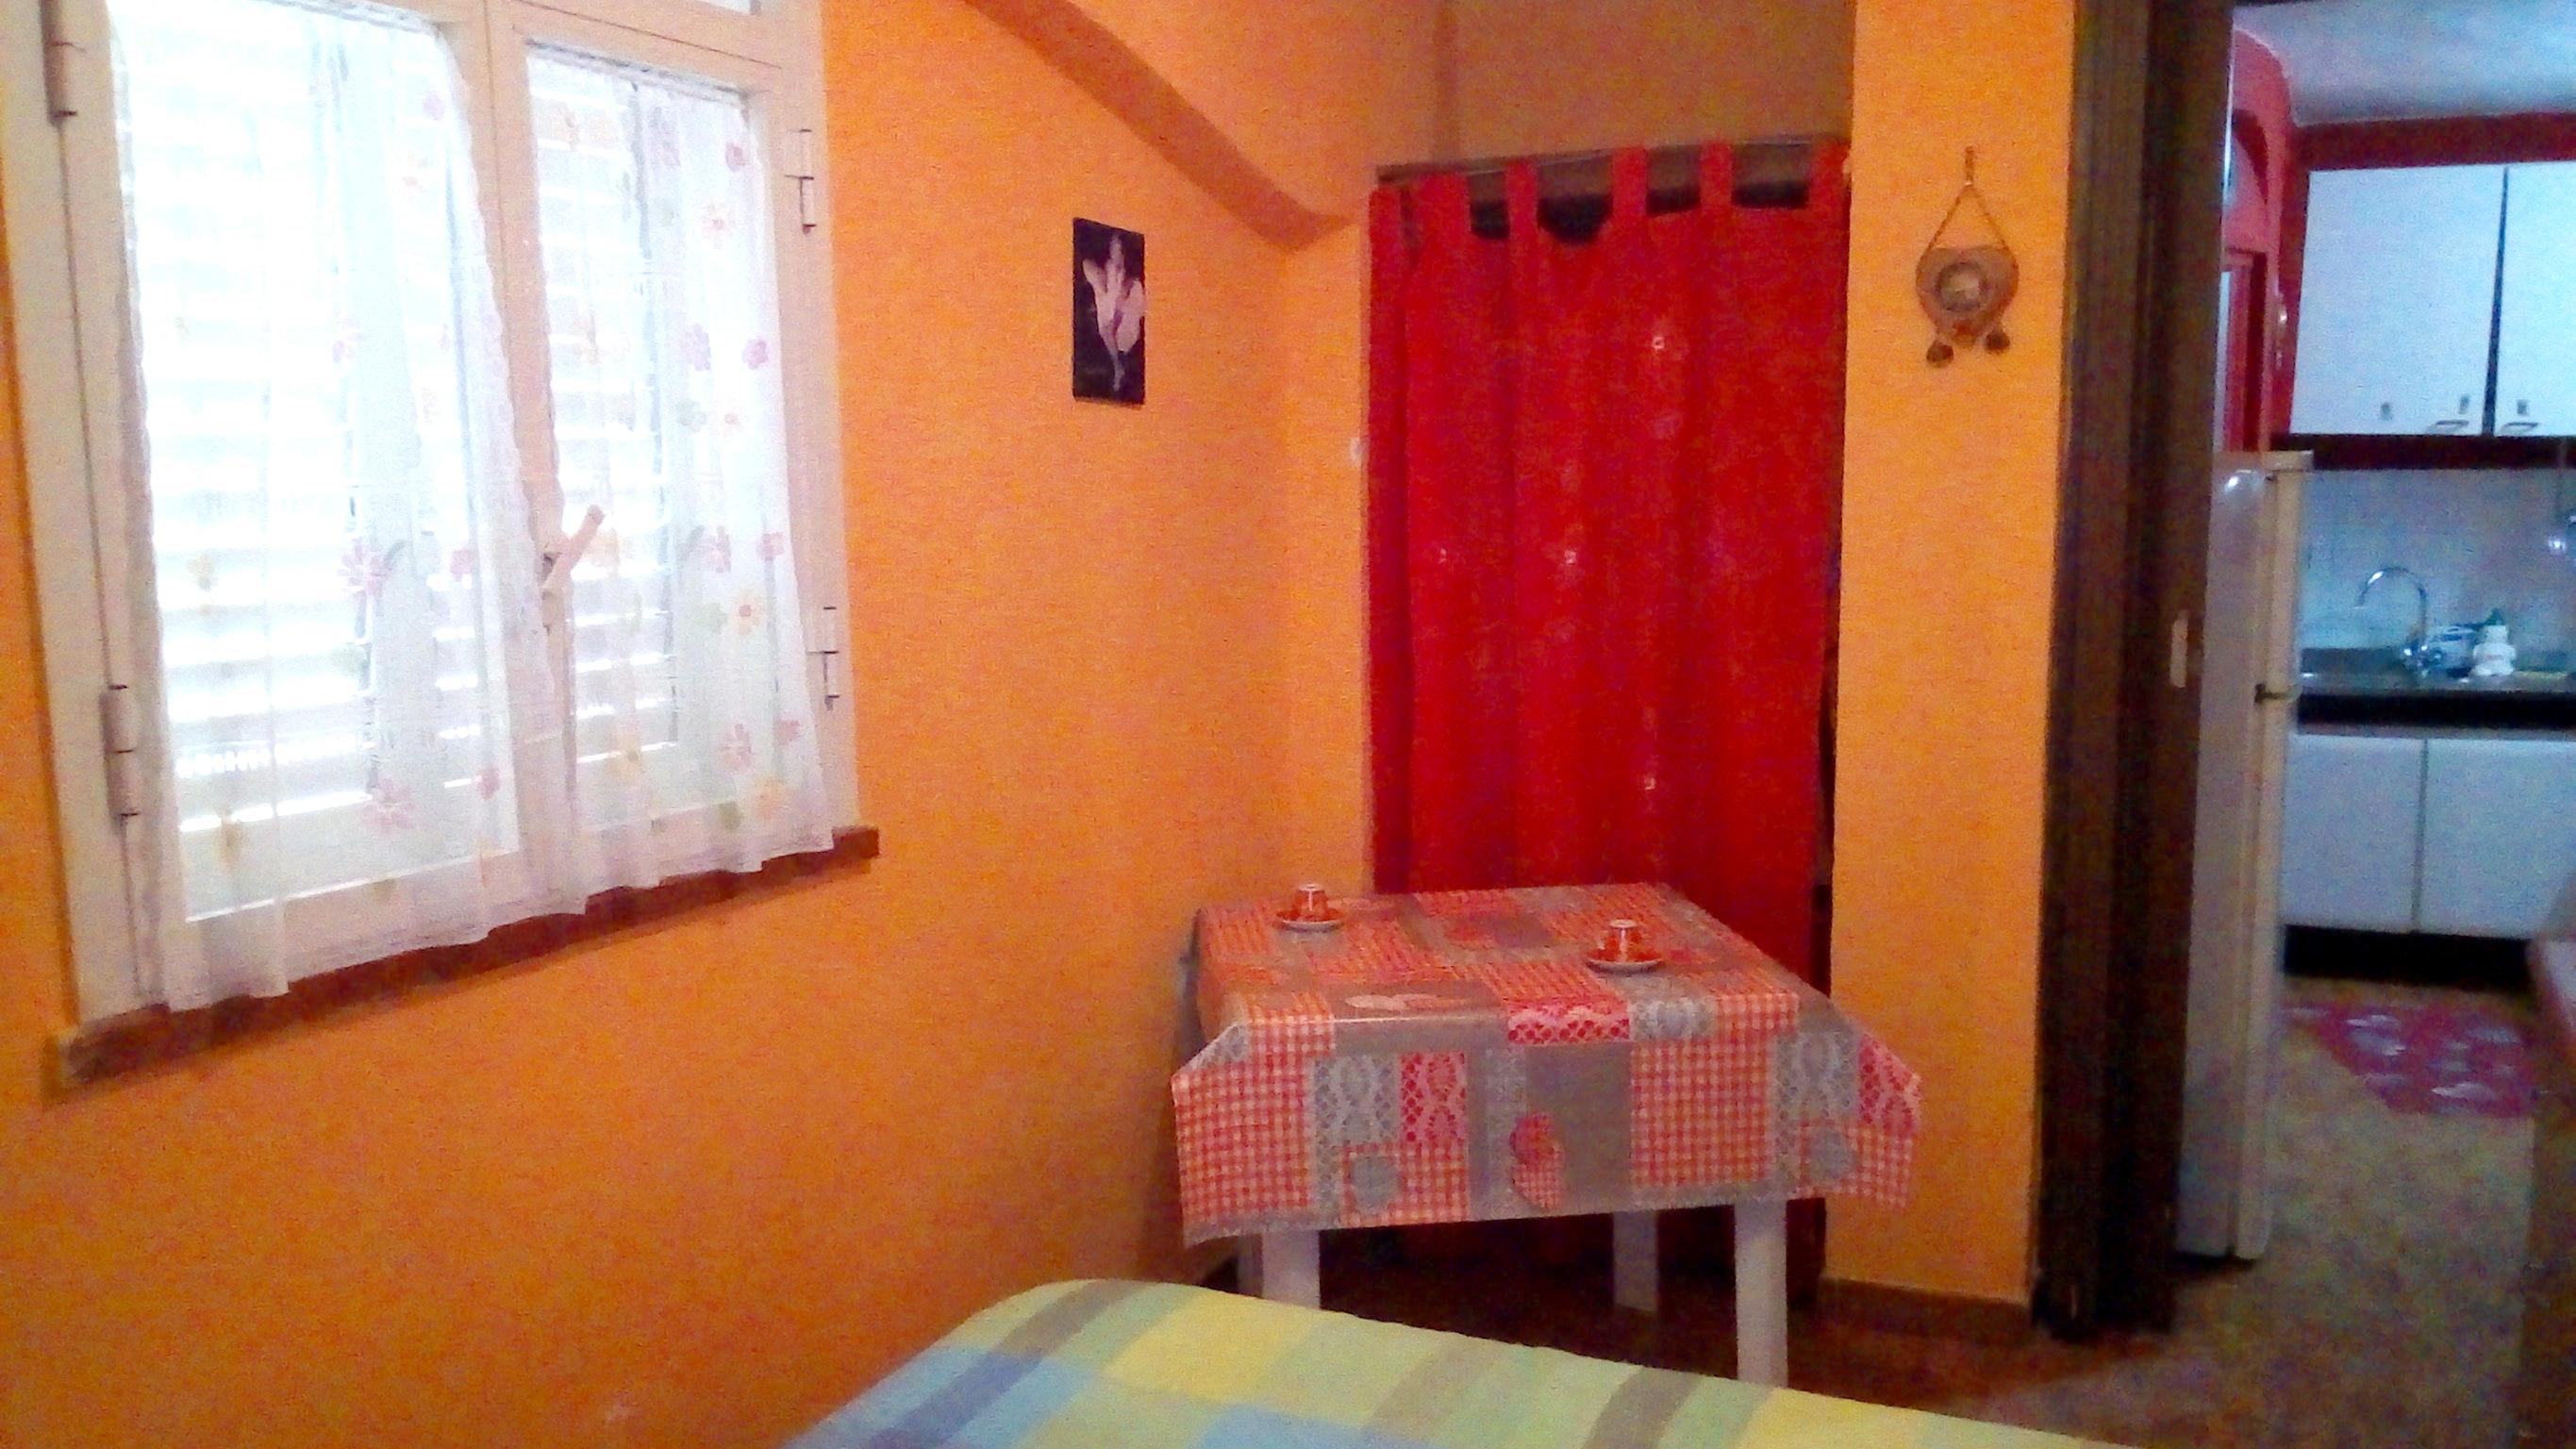 Appartement de vacances Studio in Cicirata mit herrlichem Meerblick, Pool, eingezäuntem Garten - 50 m vom Strand e (2339675), Avola, Siracusa, Sicile, Italie, image 9